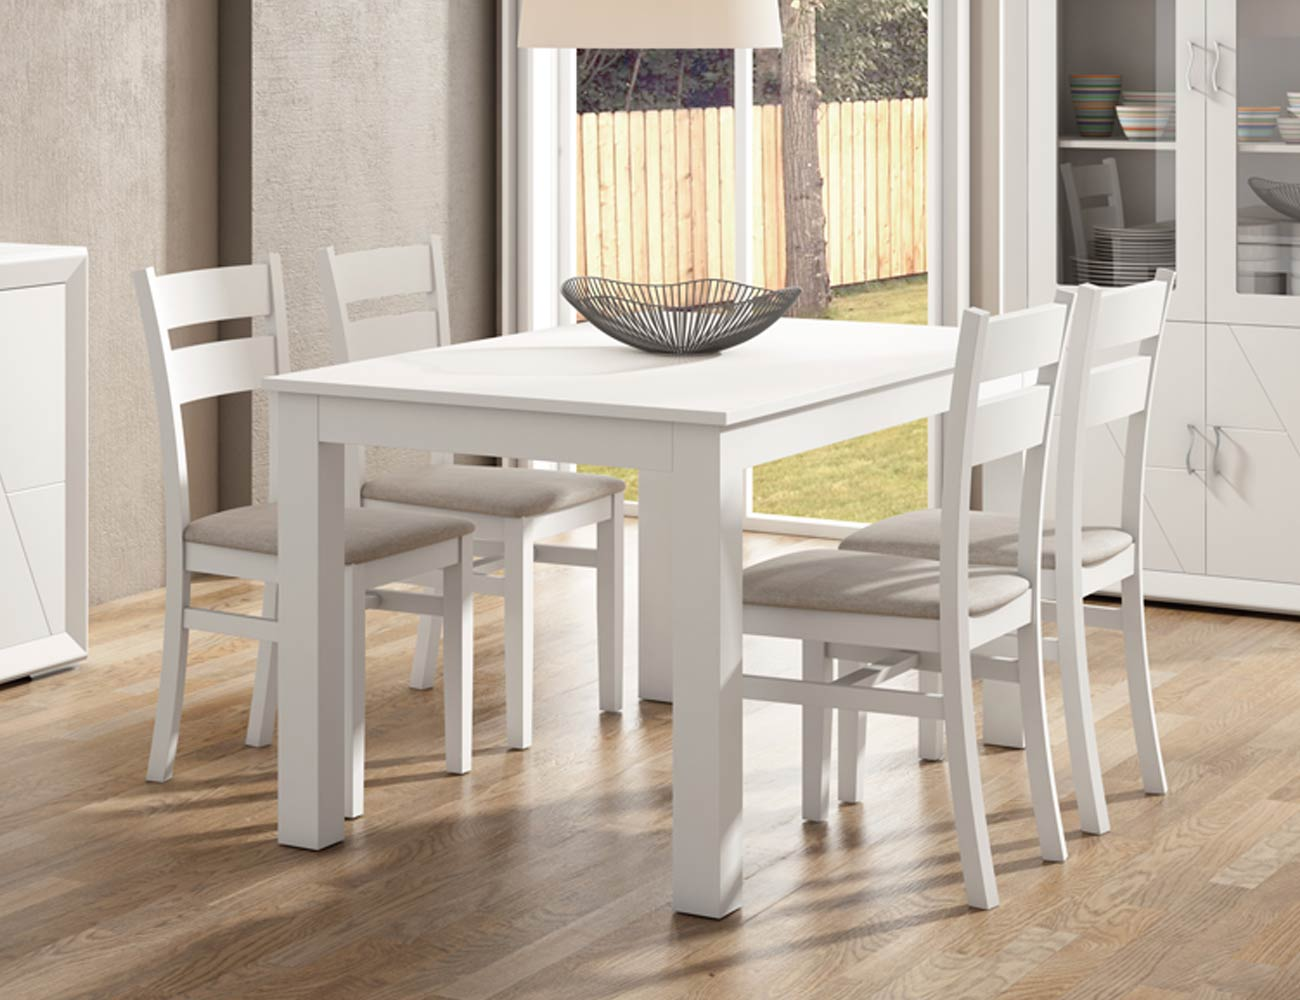 Muebles de gran calidad en madera con vitrina y platero en for Mueble platero